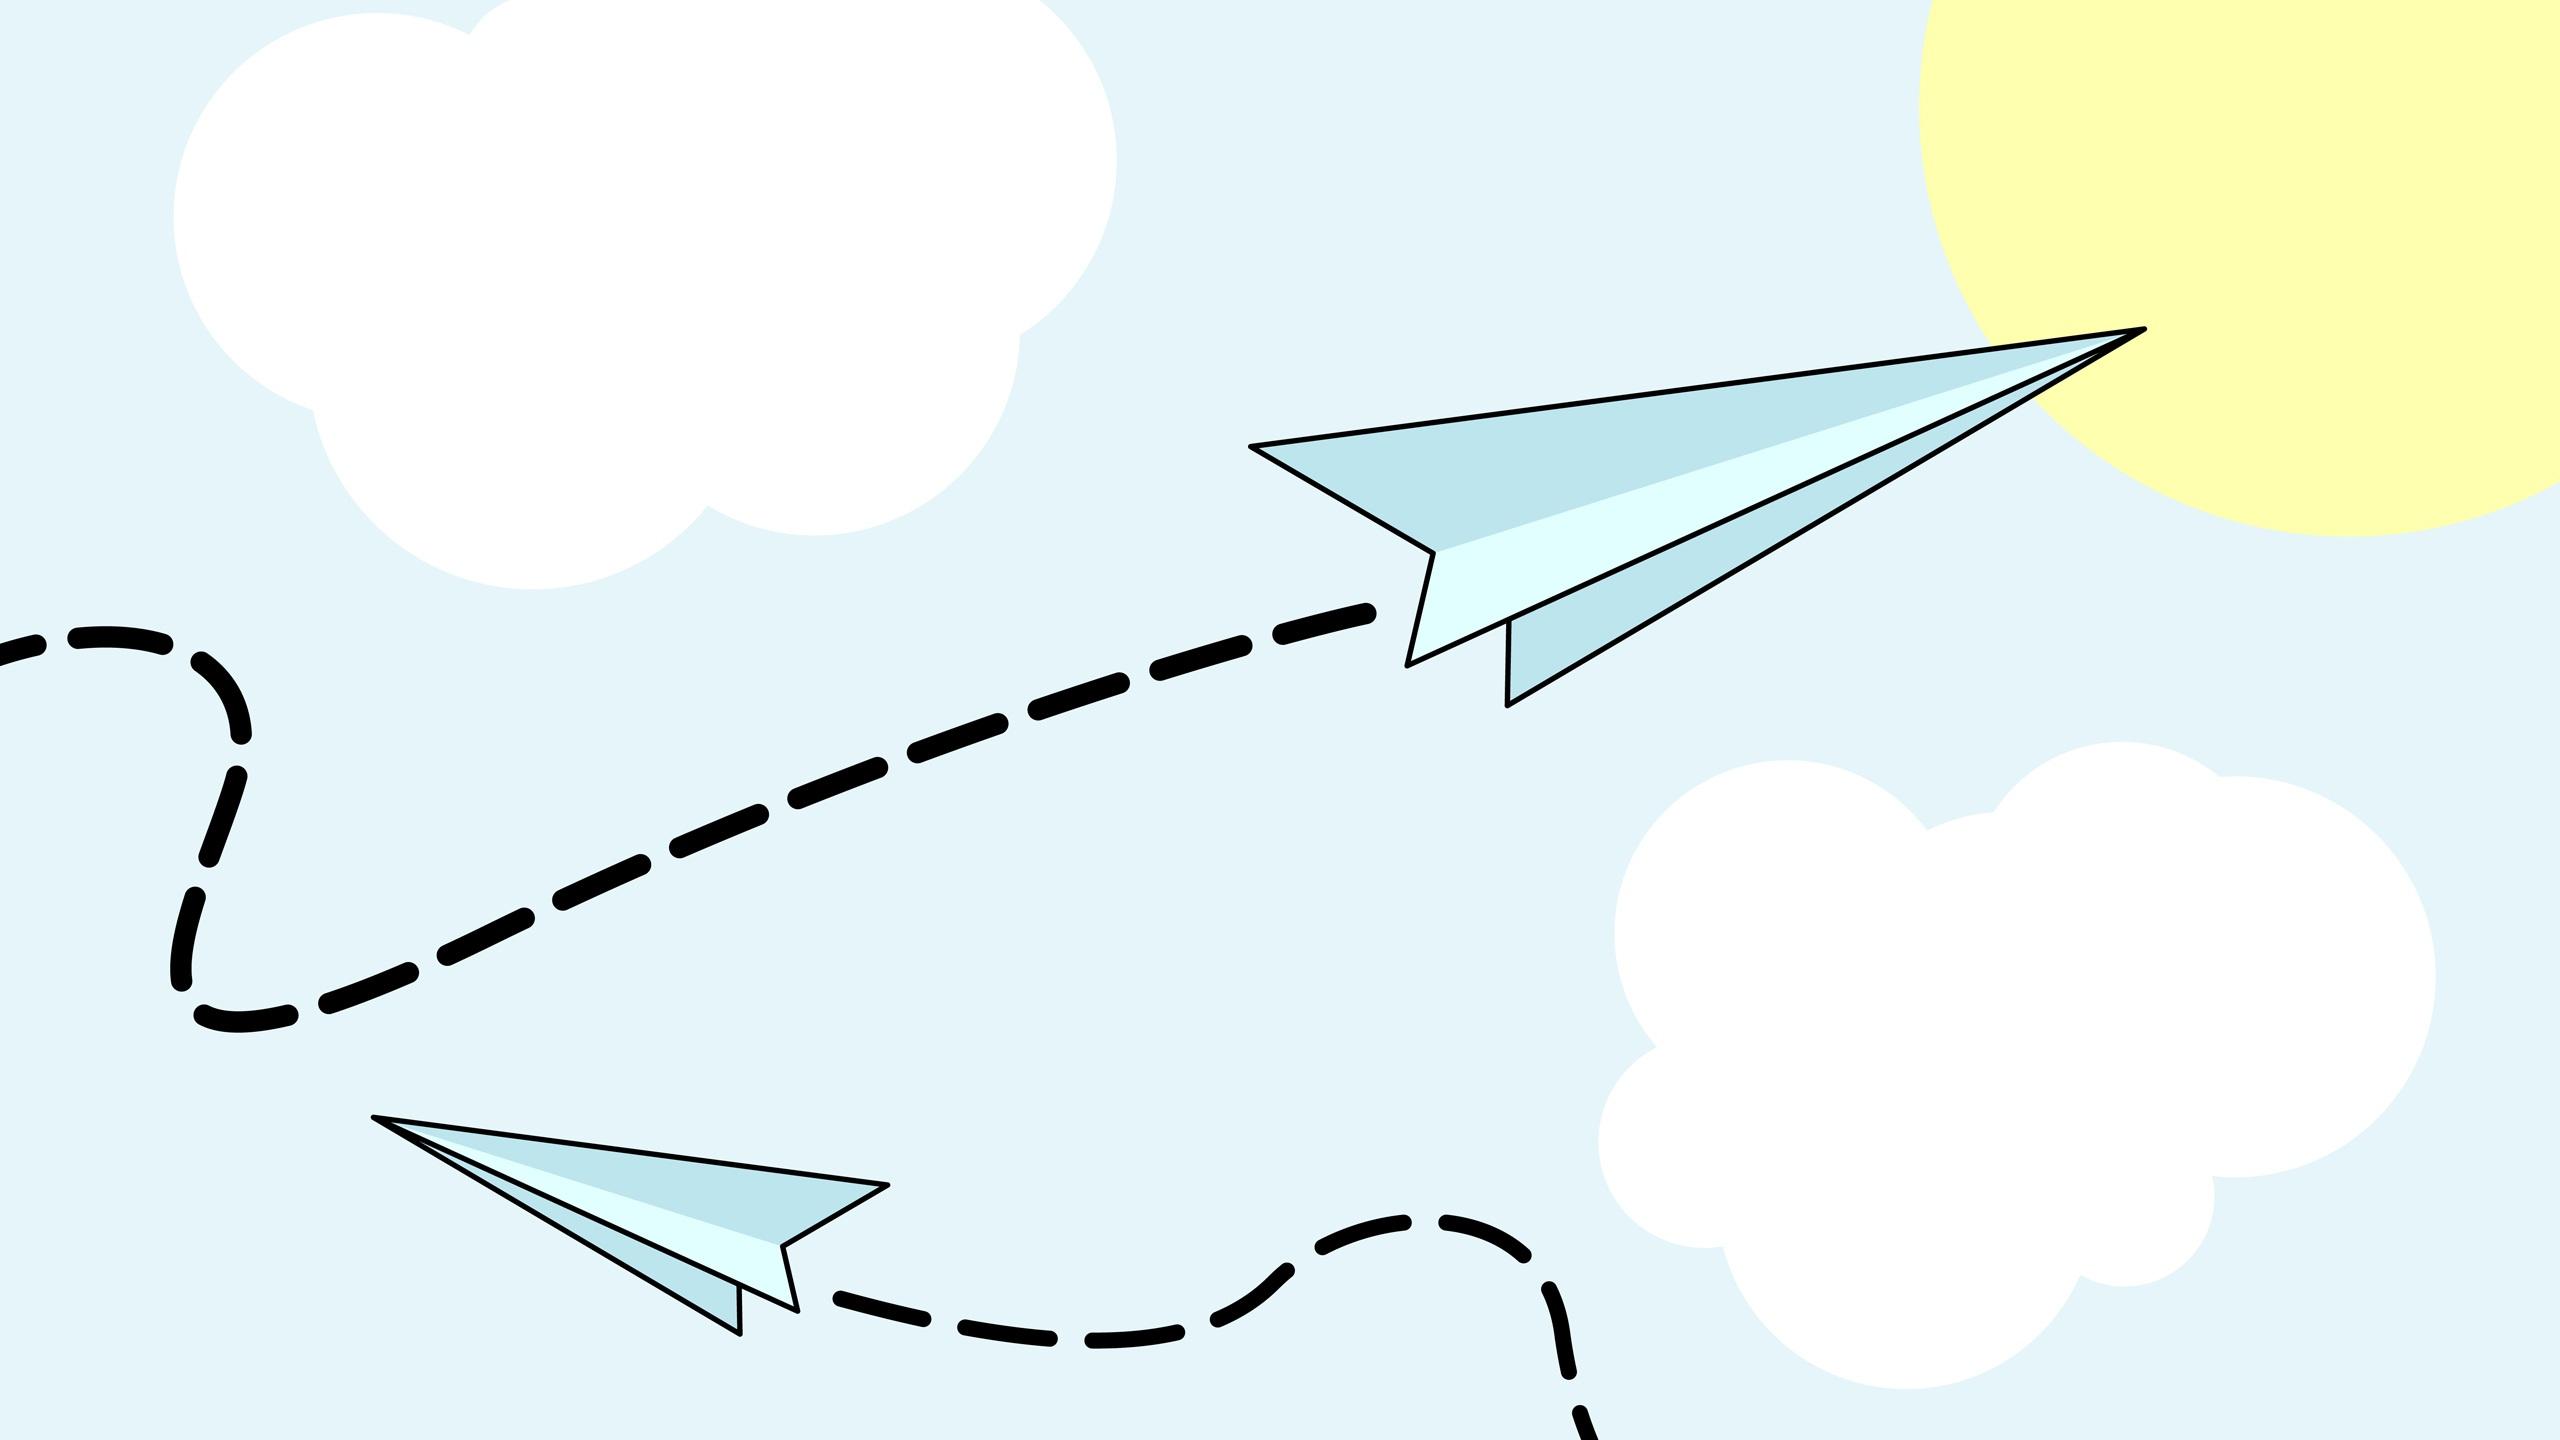 Gambar : sayap, pesawat terbang, garis, lingkaran, merek.